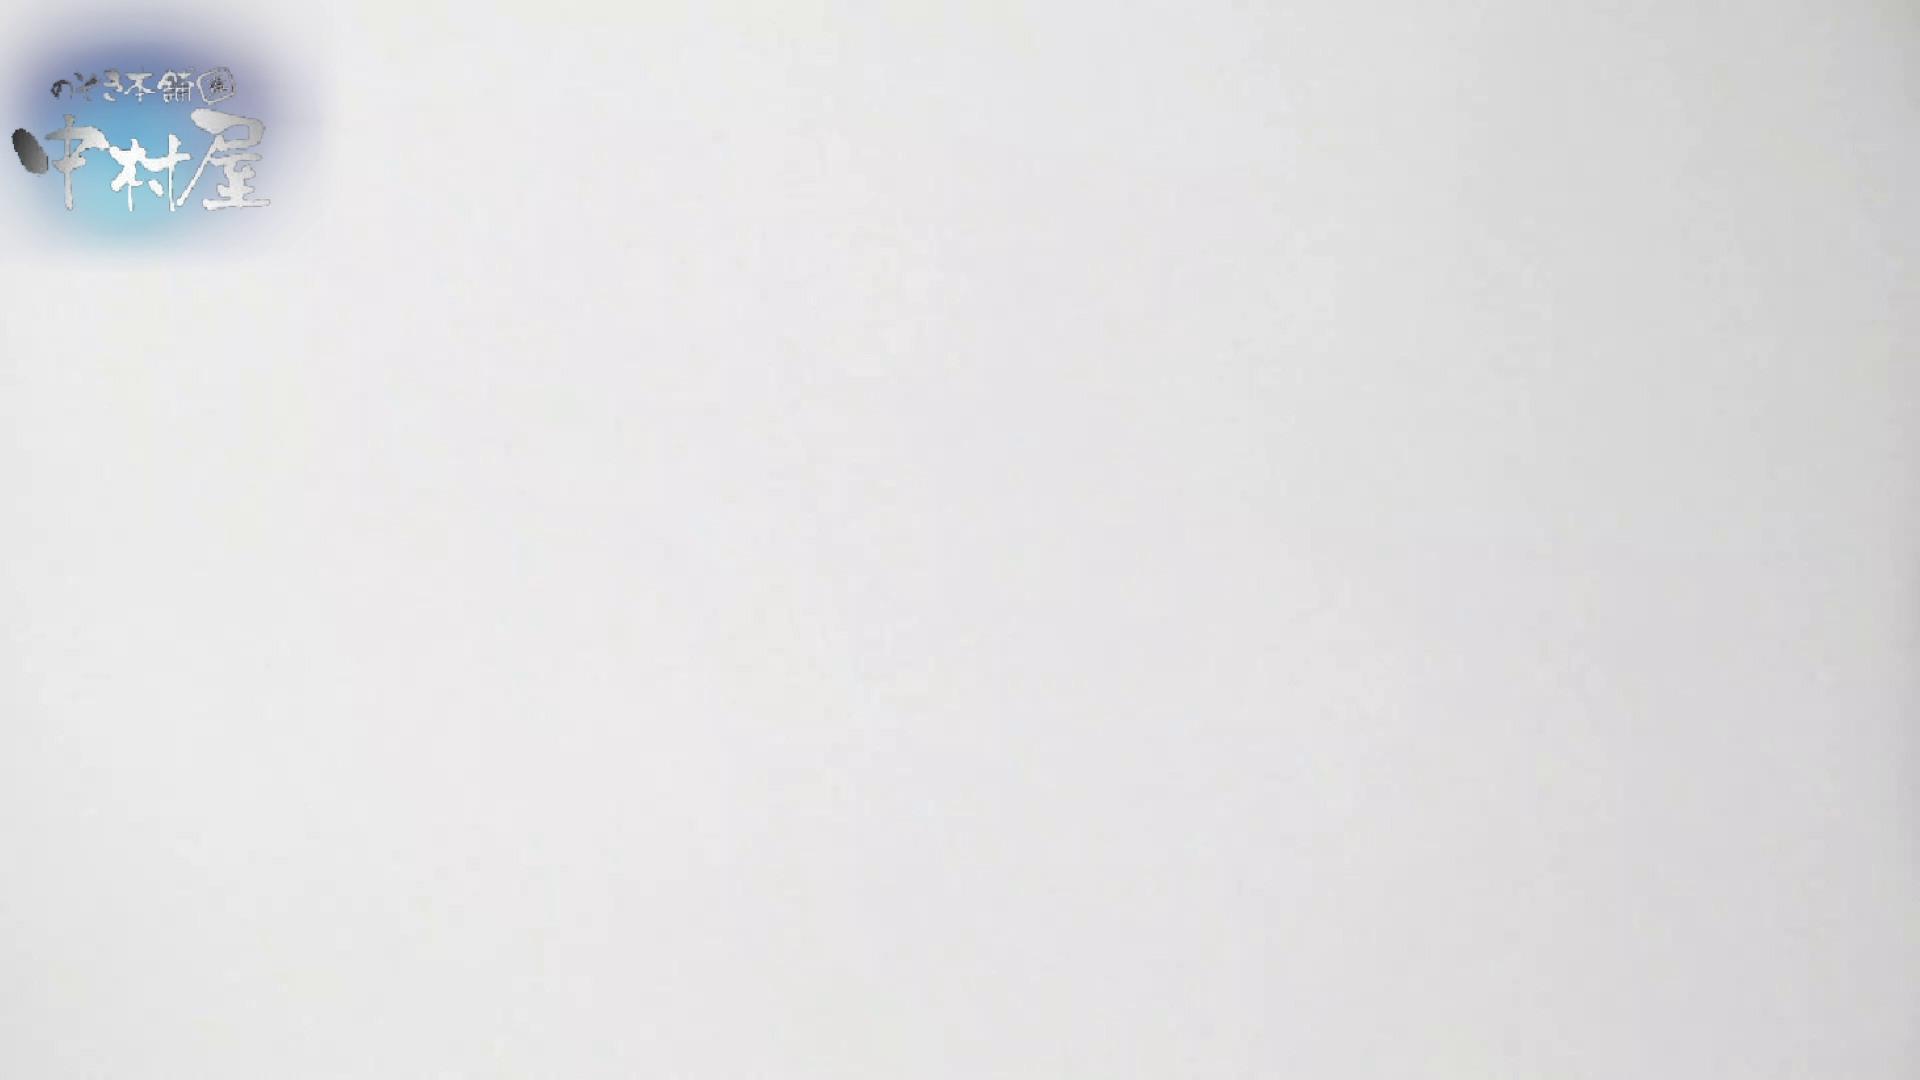 乙女集まる!ショッピングモール潜入撮vol.05 丸見え   和式  72pic 2